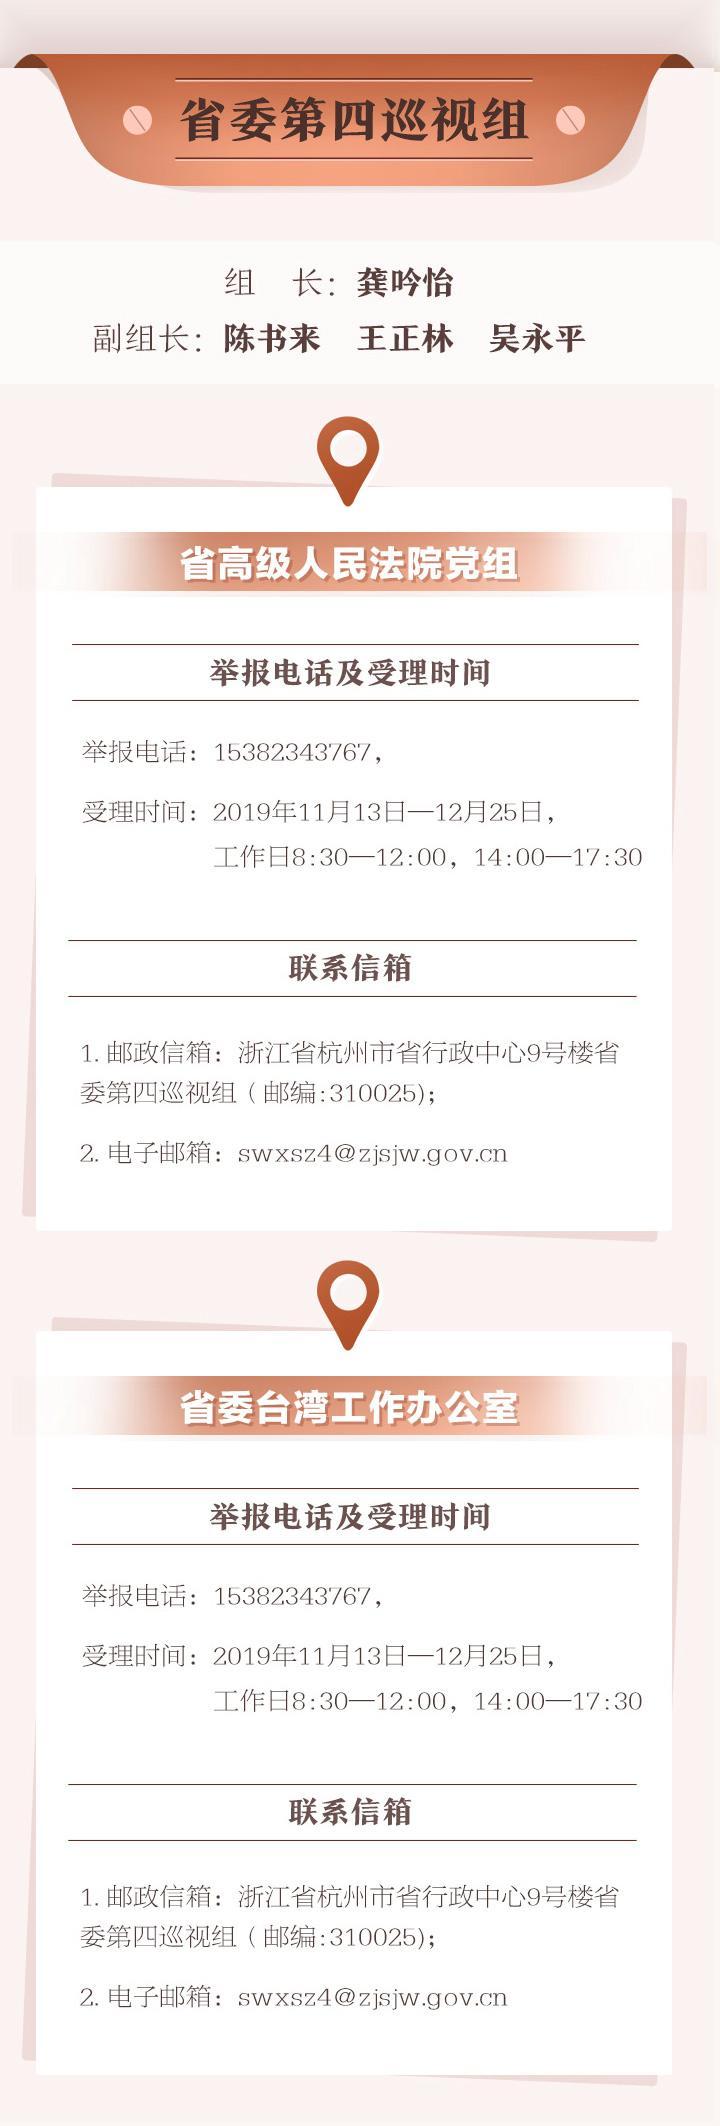 十四届省委第七轮巡视进驻情况一览表_05.jpg